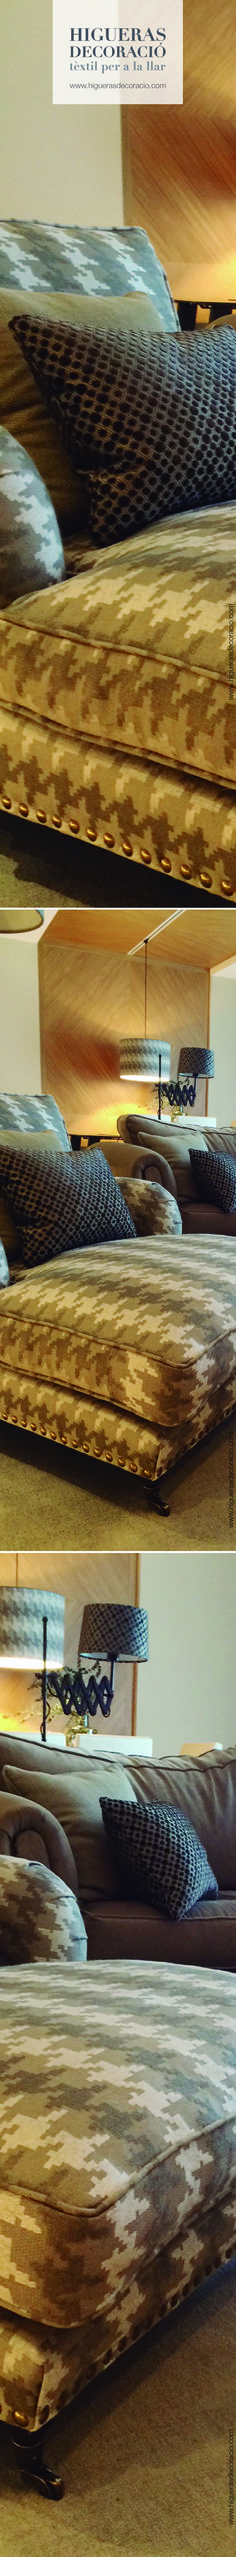 Una buena selección de telas para el salón te proporcionara armonía y singularidad. Tapiza el cheslong con diseños de pata de gallo o tweed, al más estilo retro-british. Combínalo tapizando las pantallas a juego, los cojines, sillas... www.higuerasdecoracio.com